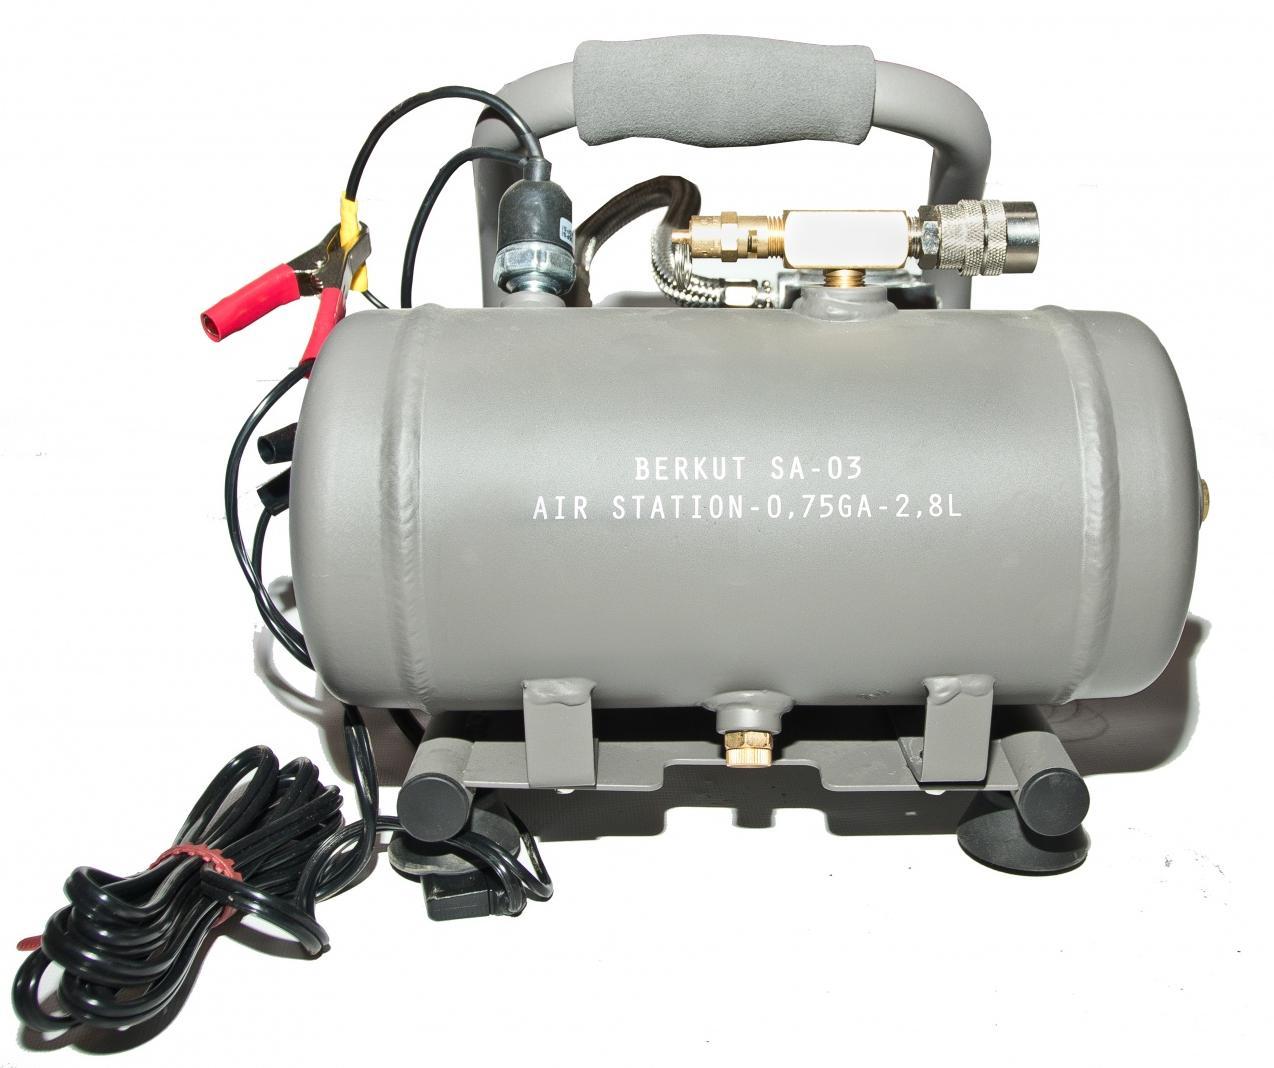 компрессор SA-03-berkut